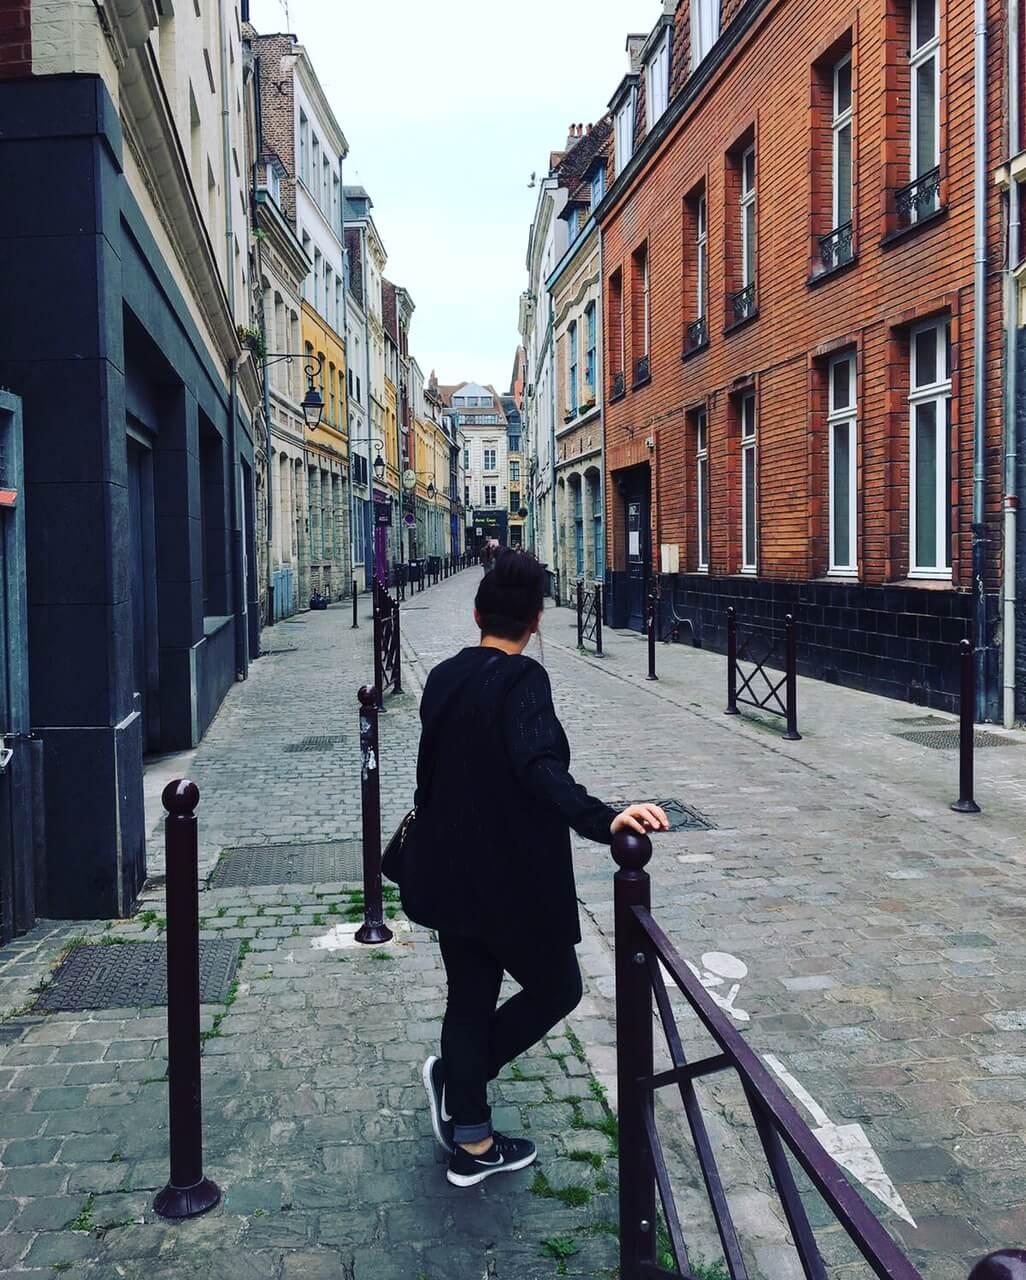 ikzelf in één van de straatjes in Lille